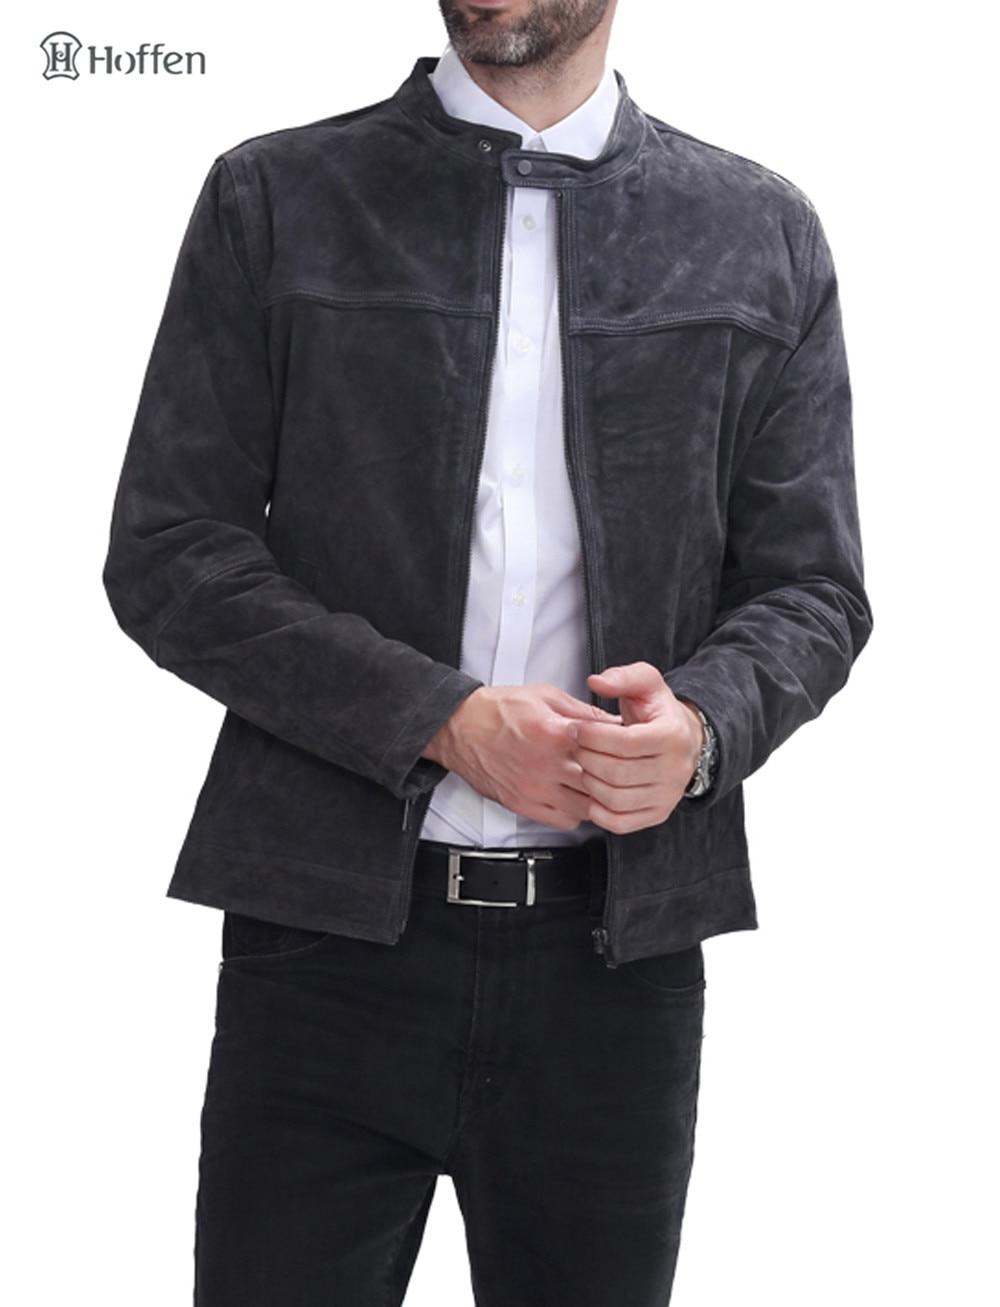 Hoffen Hohe Qualität Herren Lederjacken Stehkragen Reißverschluss - Herrenbekleidung